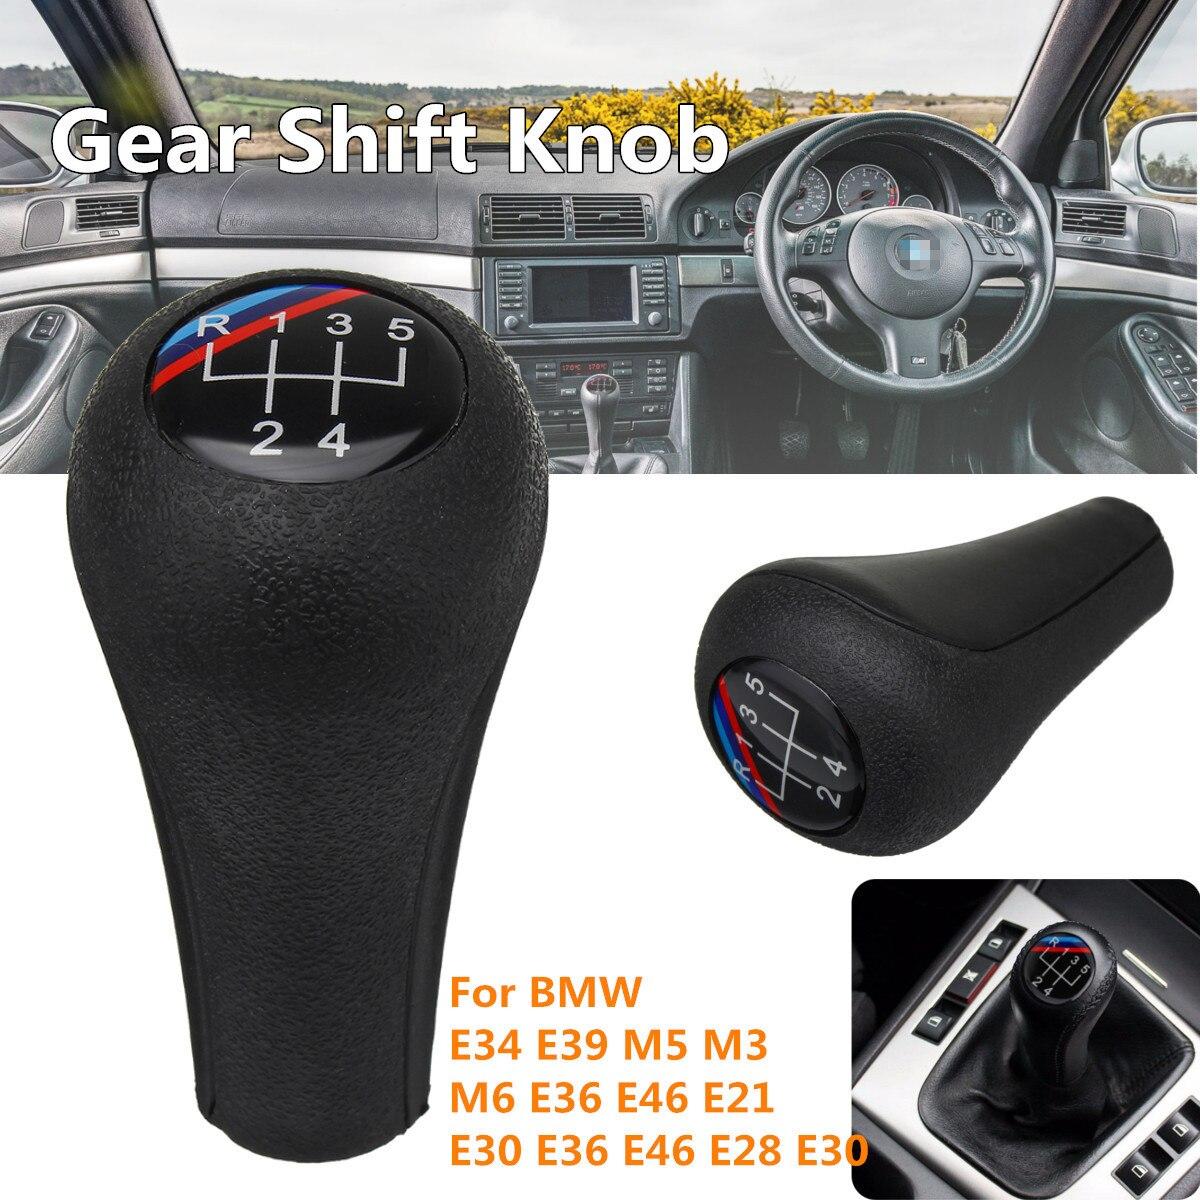 5 Speed MT Car Gear Shift Knob Auto Shifter Knob Head For BMW E34 E39 M5 M3 M6 E36 E46 E21 E30 E36 E46 E28